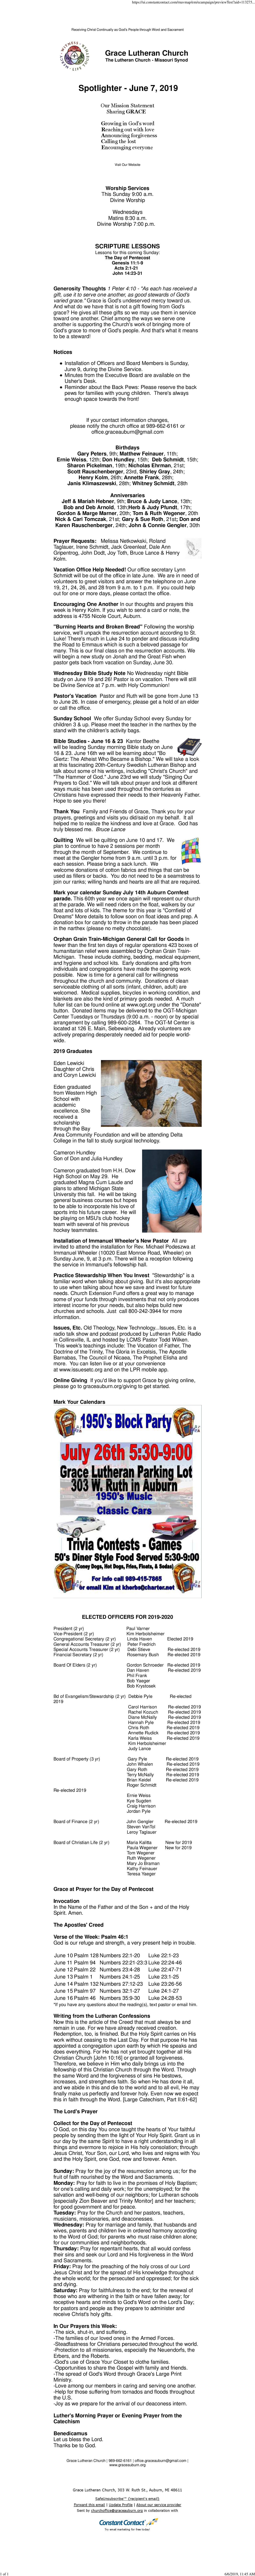 Spotlighter - June 7-page-001.jpg